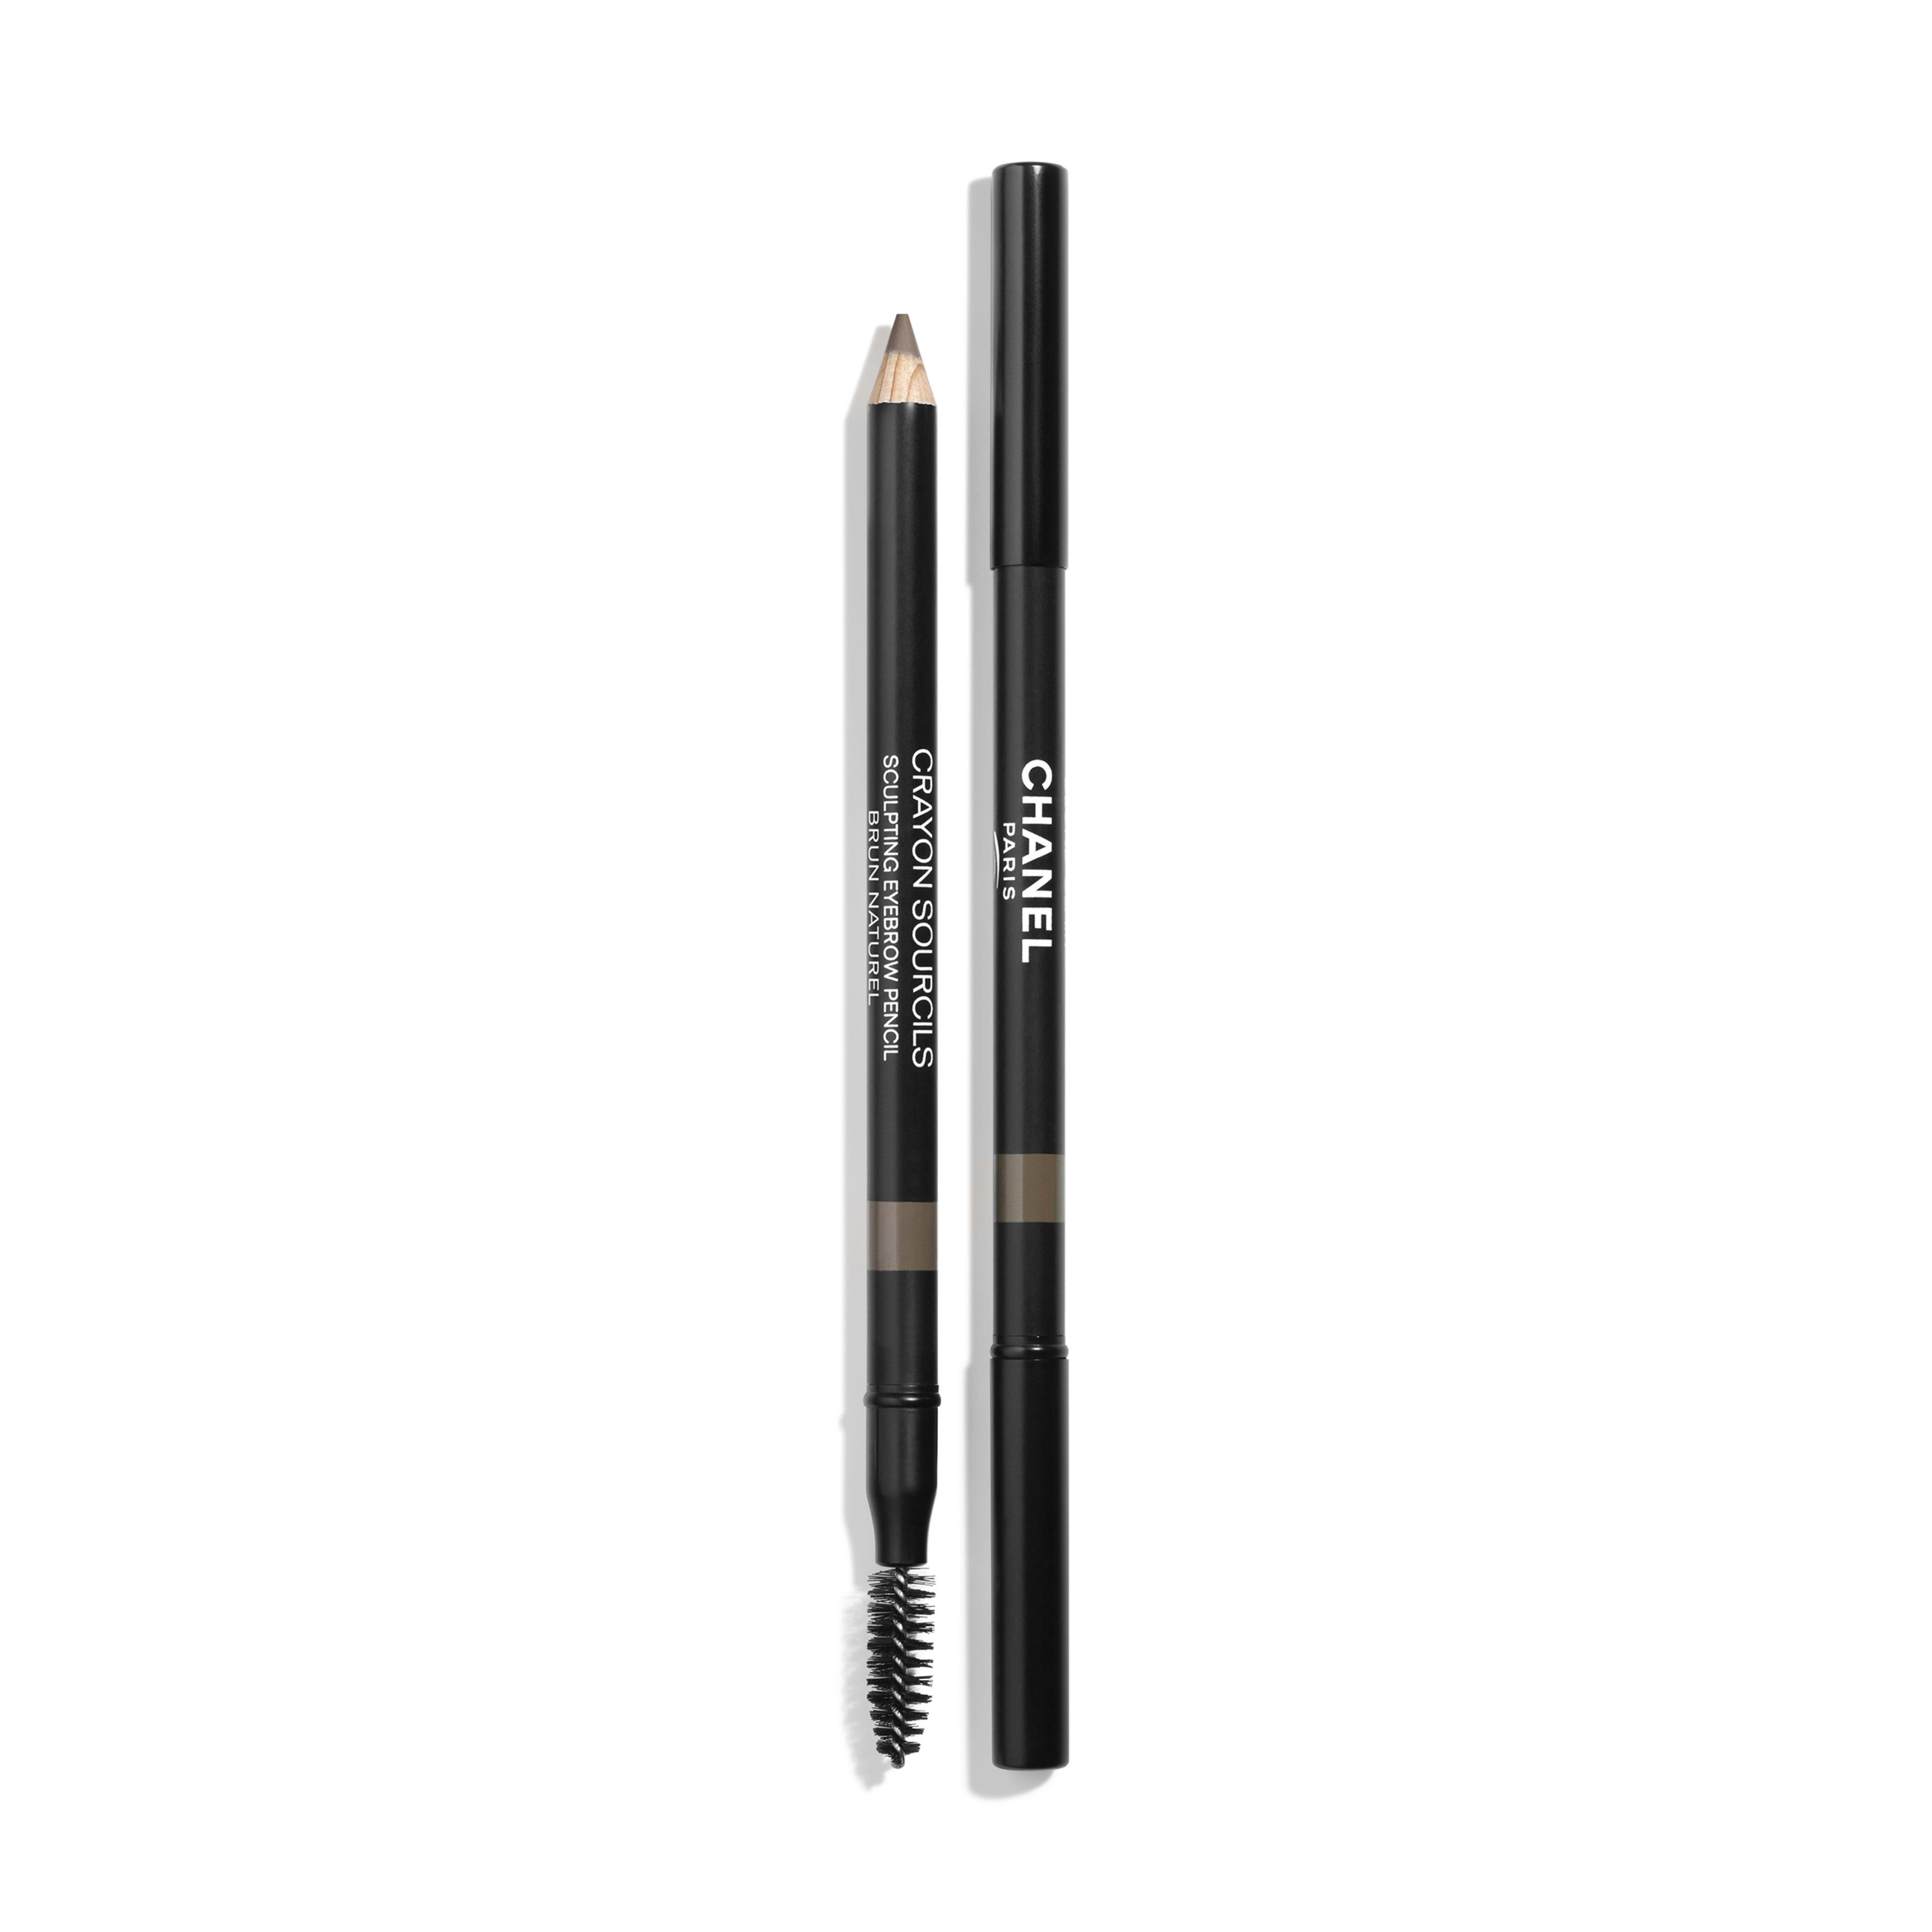 CRAYON SOURCILS - makeup - 0.03OZ. - Default view